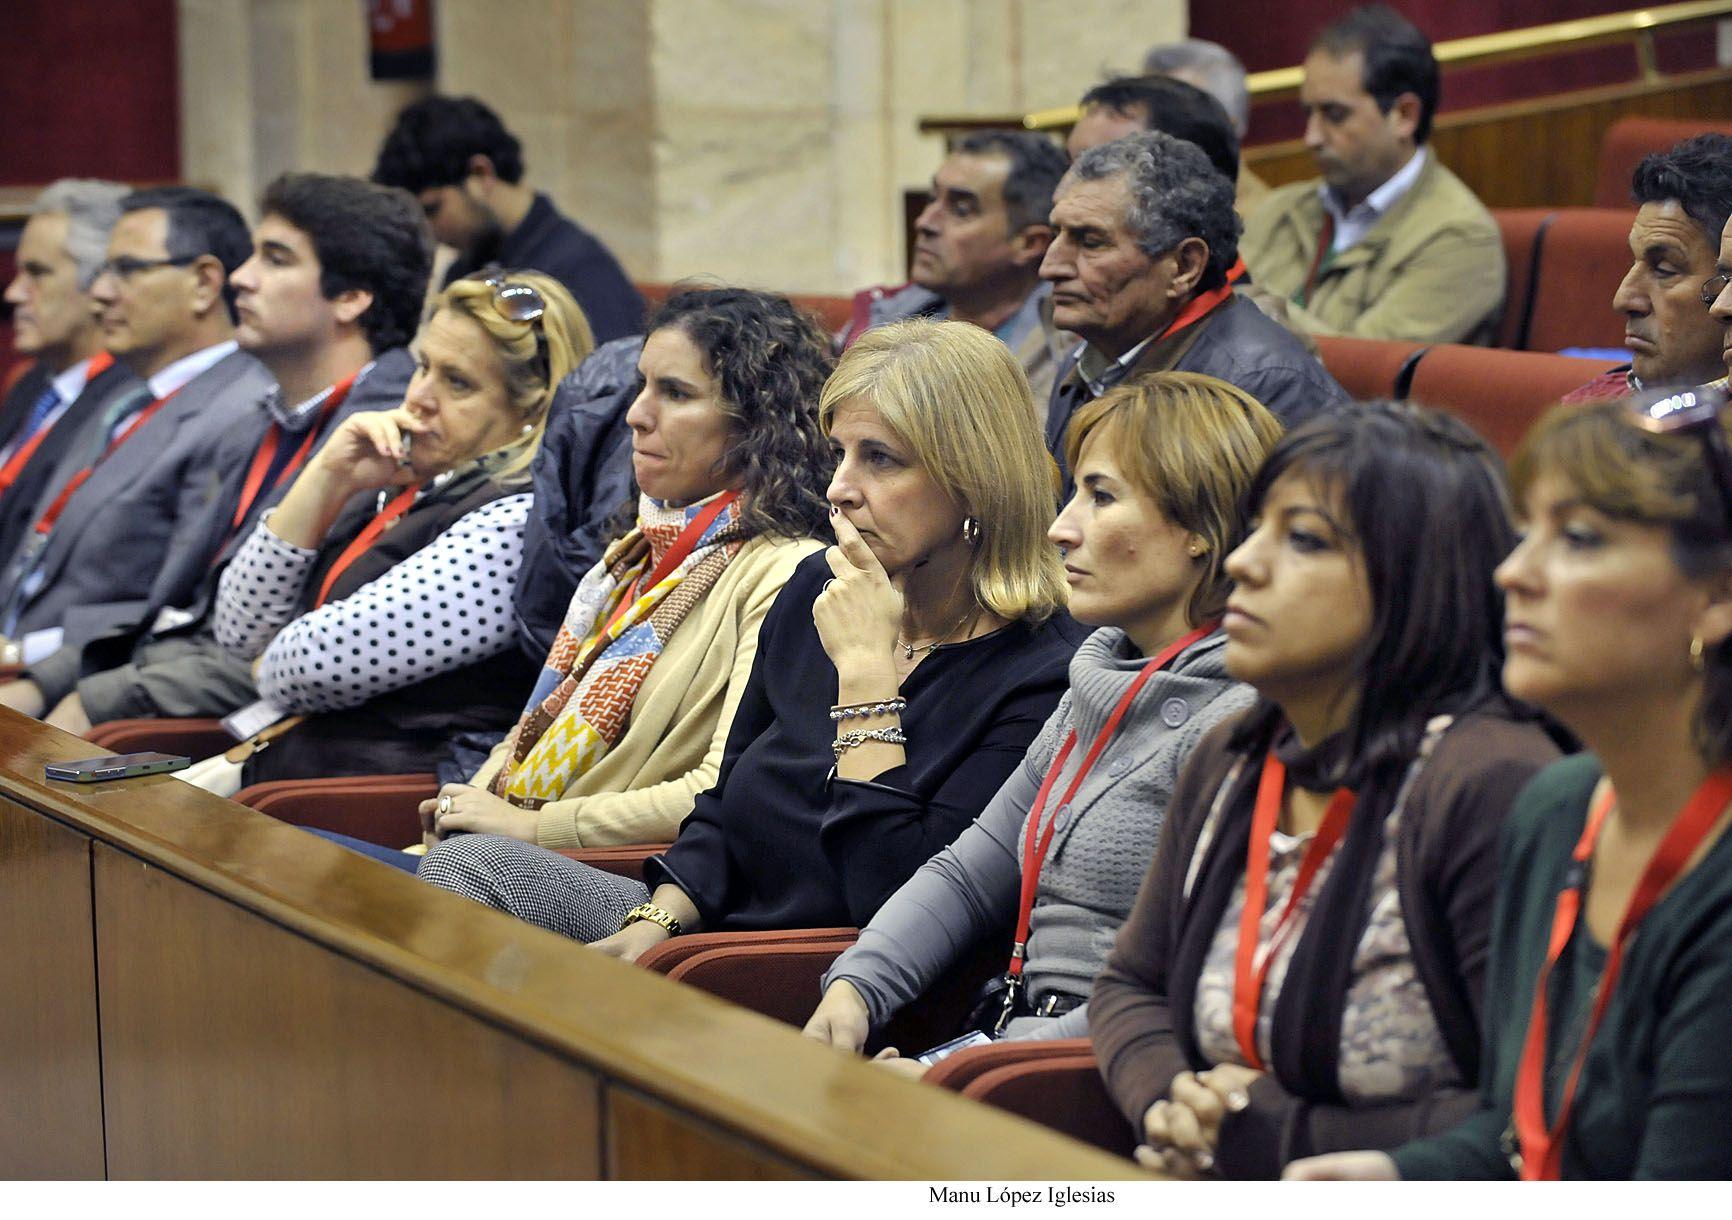 Alcaldesa_asiste_Parlamento_Andalucia___Ley_Huella_Pecuaria___02